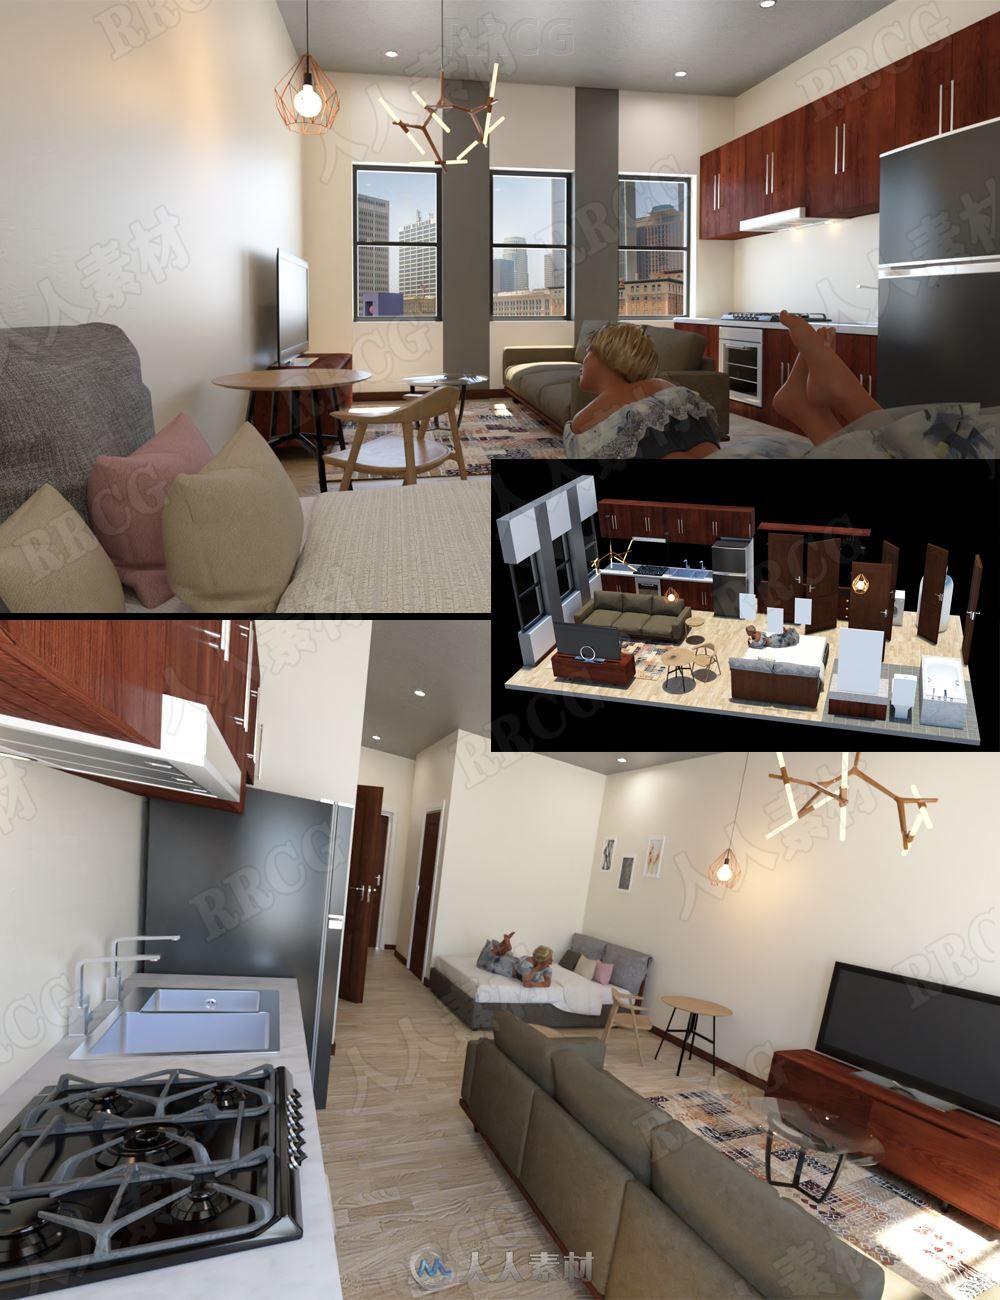 小户型温馨公寓现代化室内设计3D模型合集